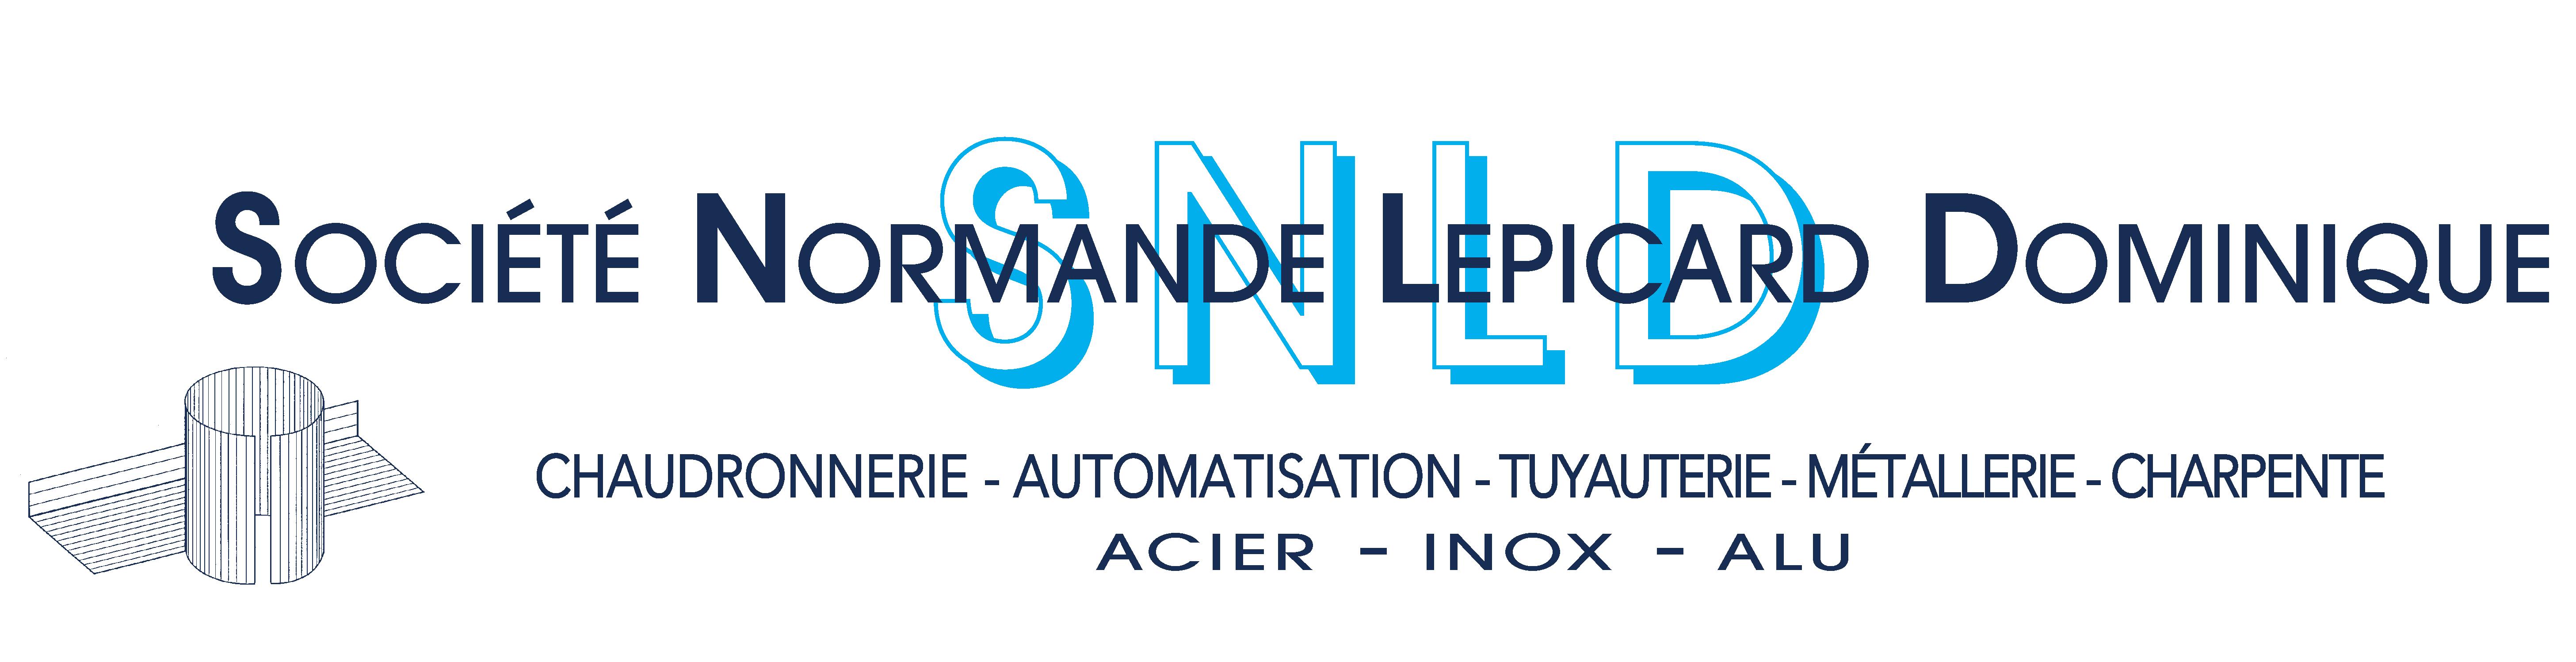 SNLD - Société Normande Lepicard Dominique